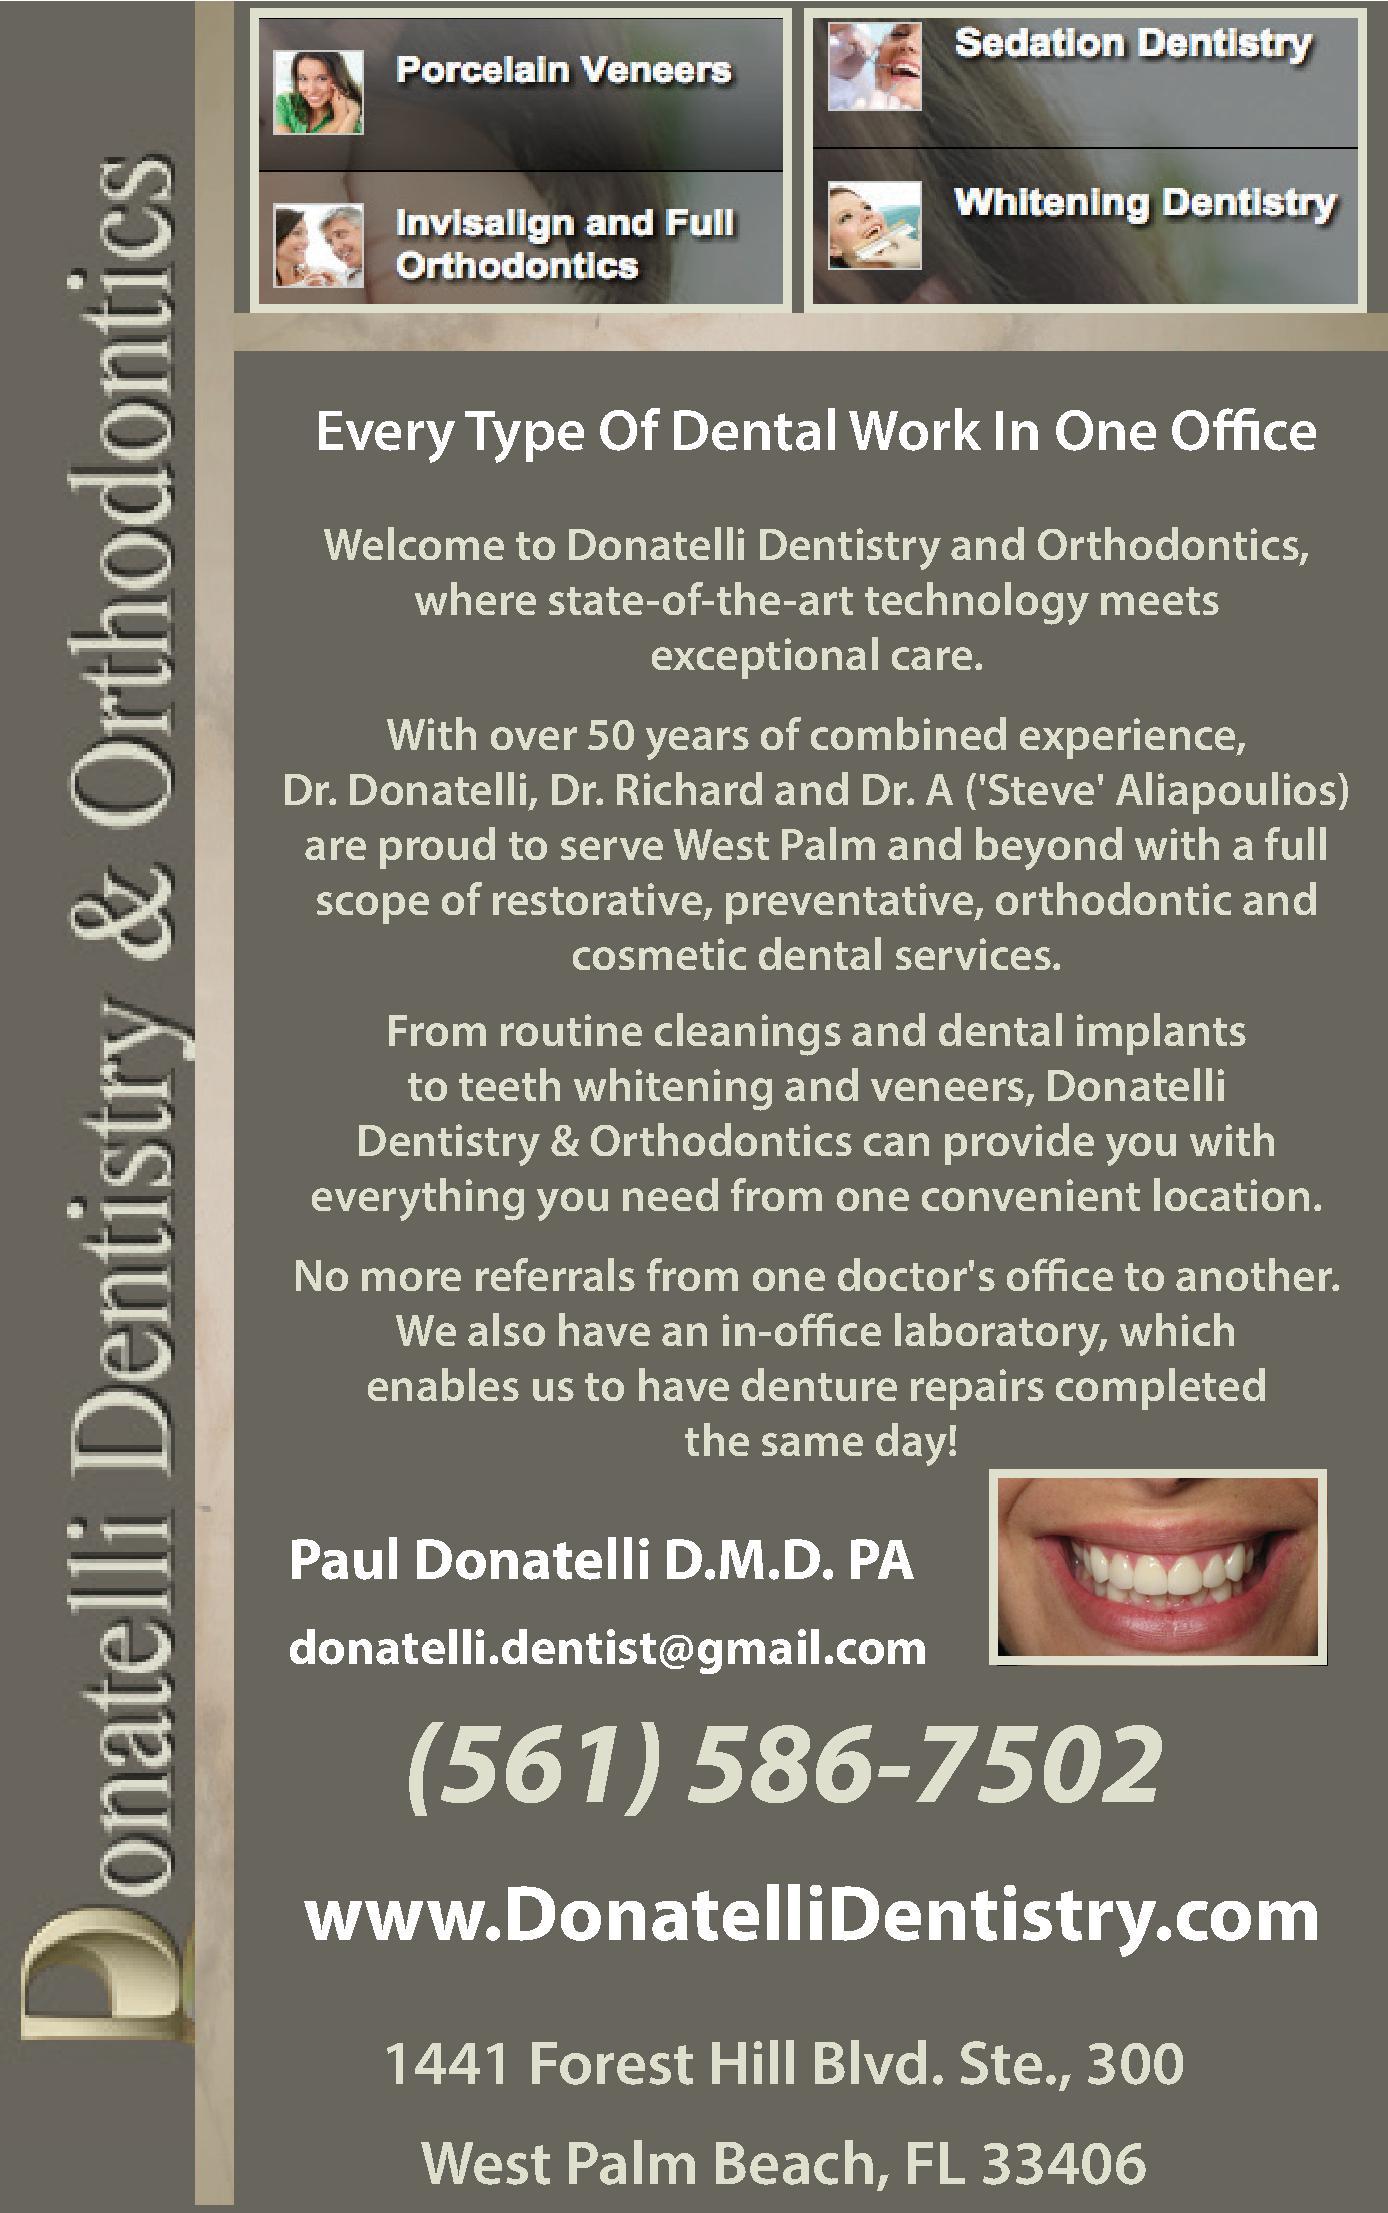 Donatelli Dentistry & Orthodontics